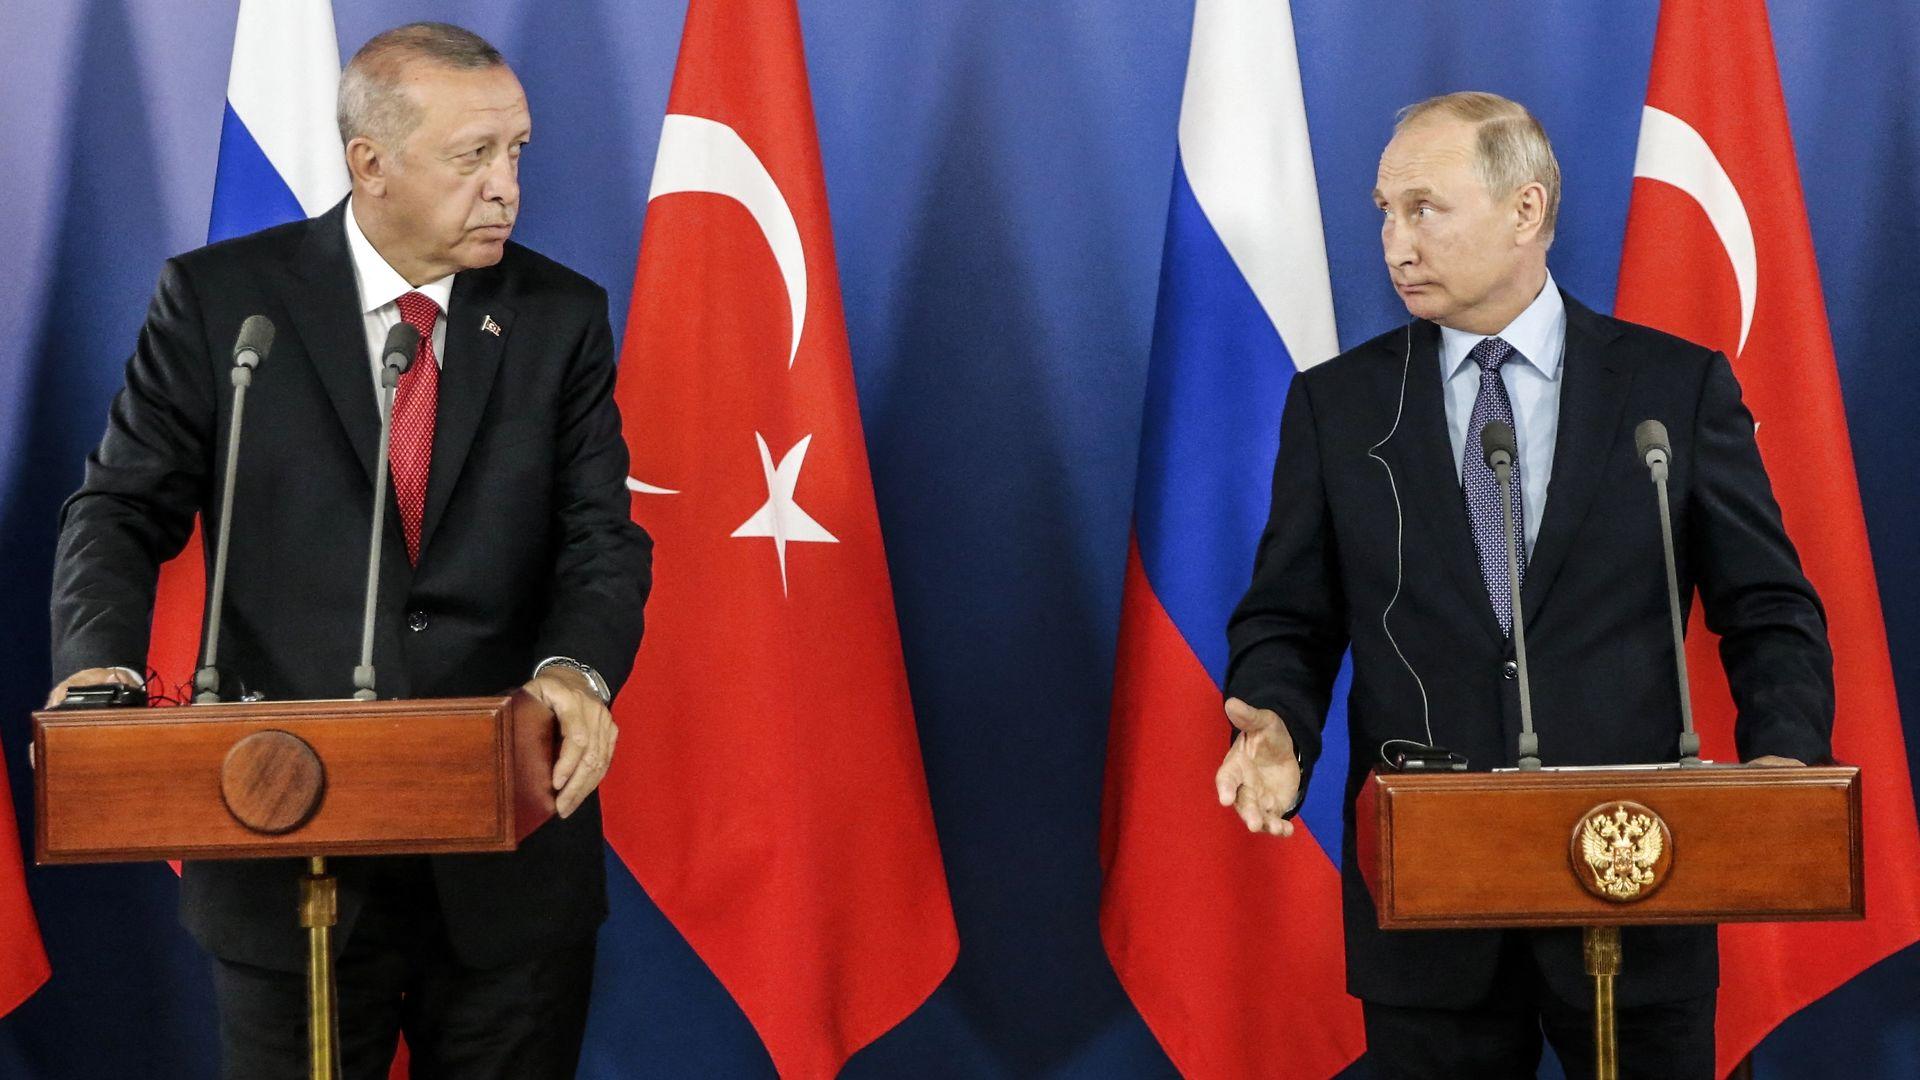 Deniz Serinci:  Er Tyrkiet ved at forlade NATO og Vesten?